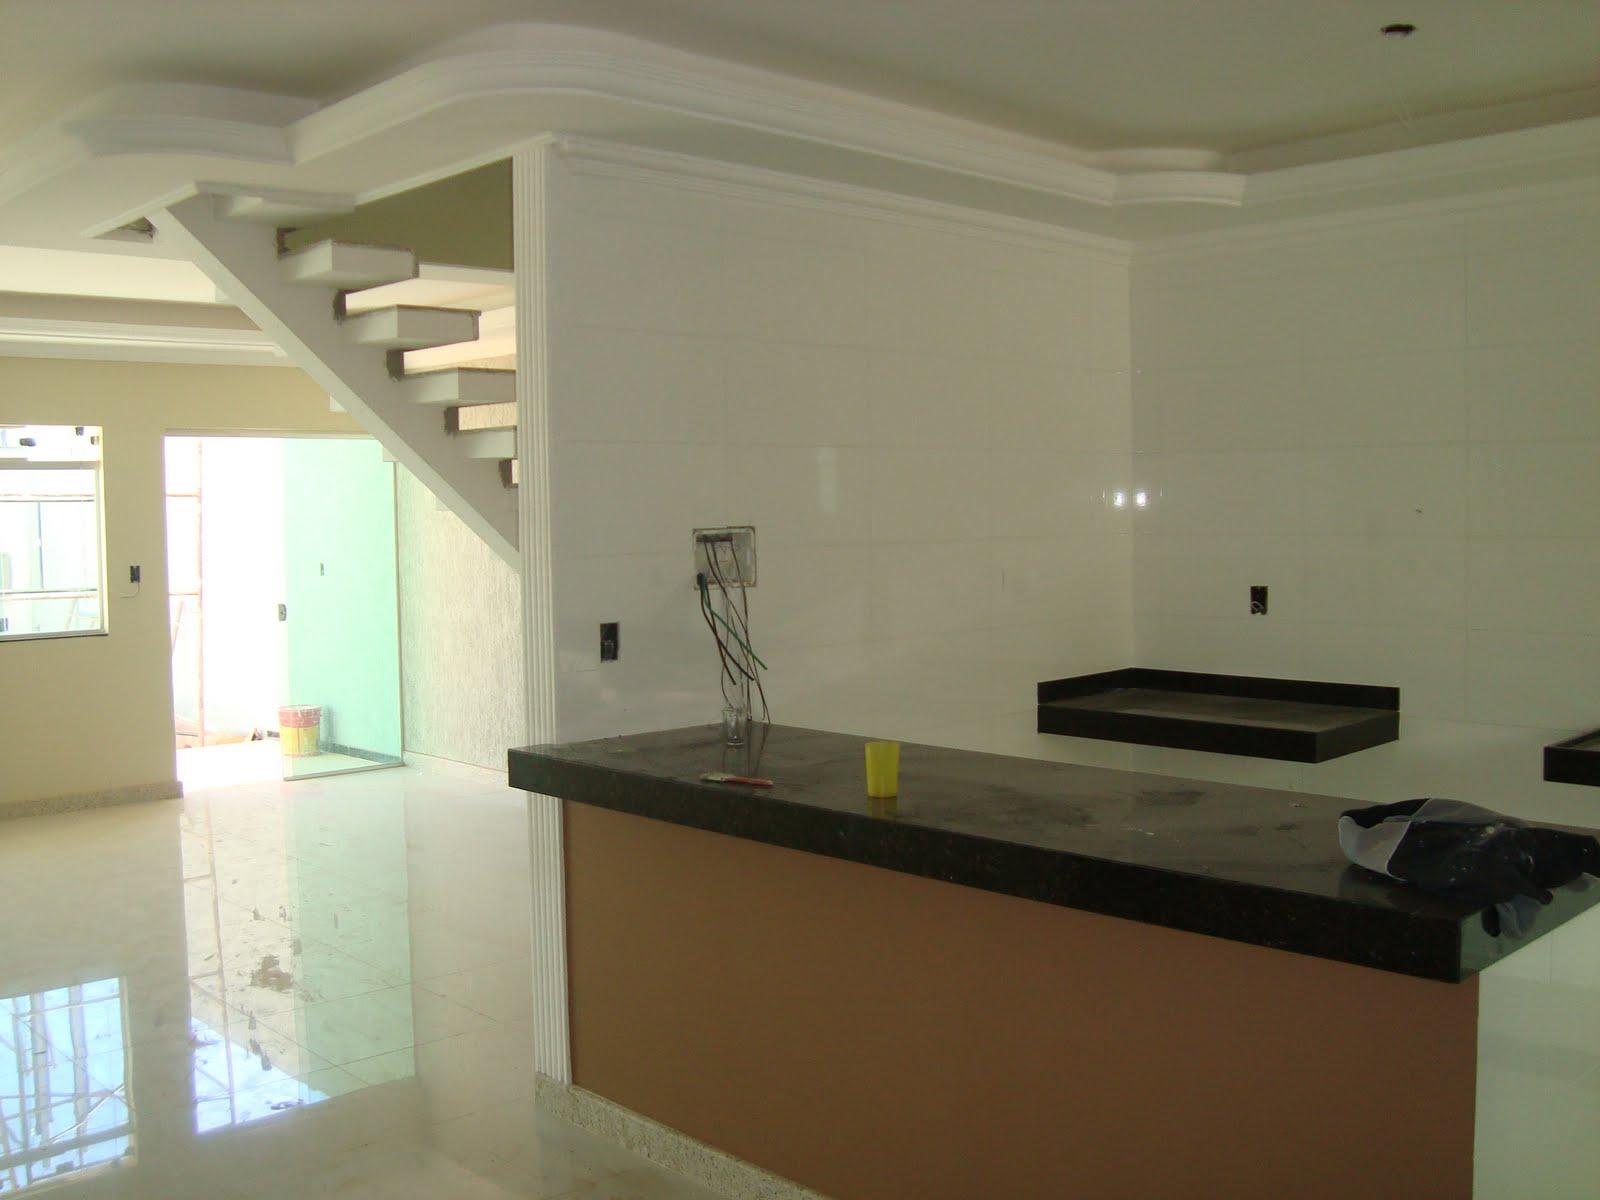 vagas cozinha americana com bancada em granito lavabo acabamento  #5C4326 1600 1200